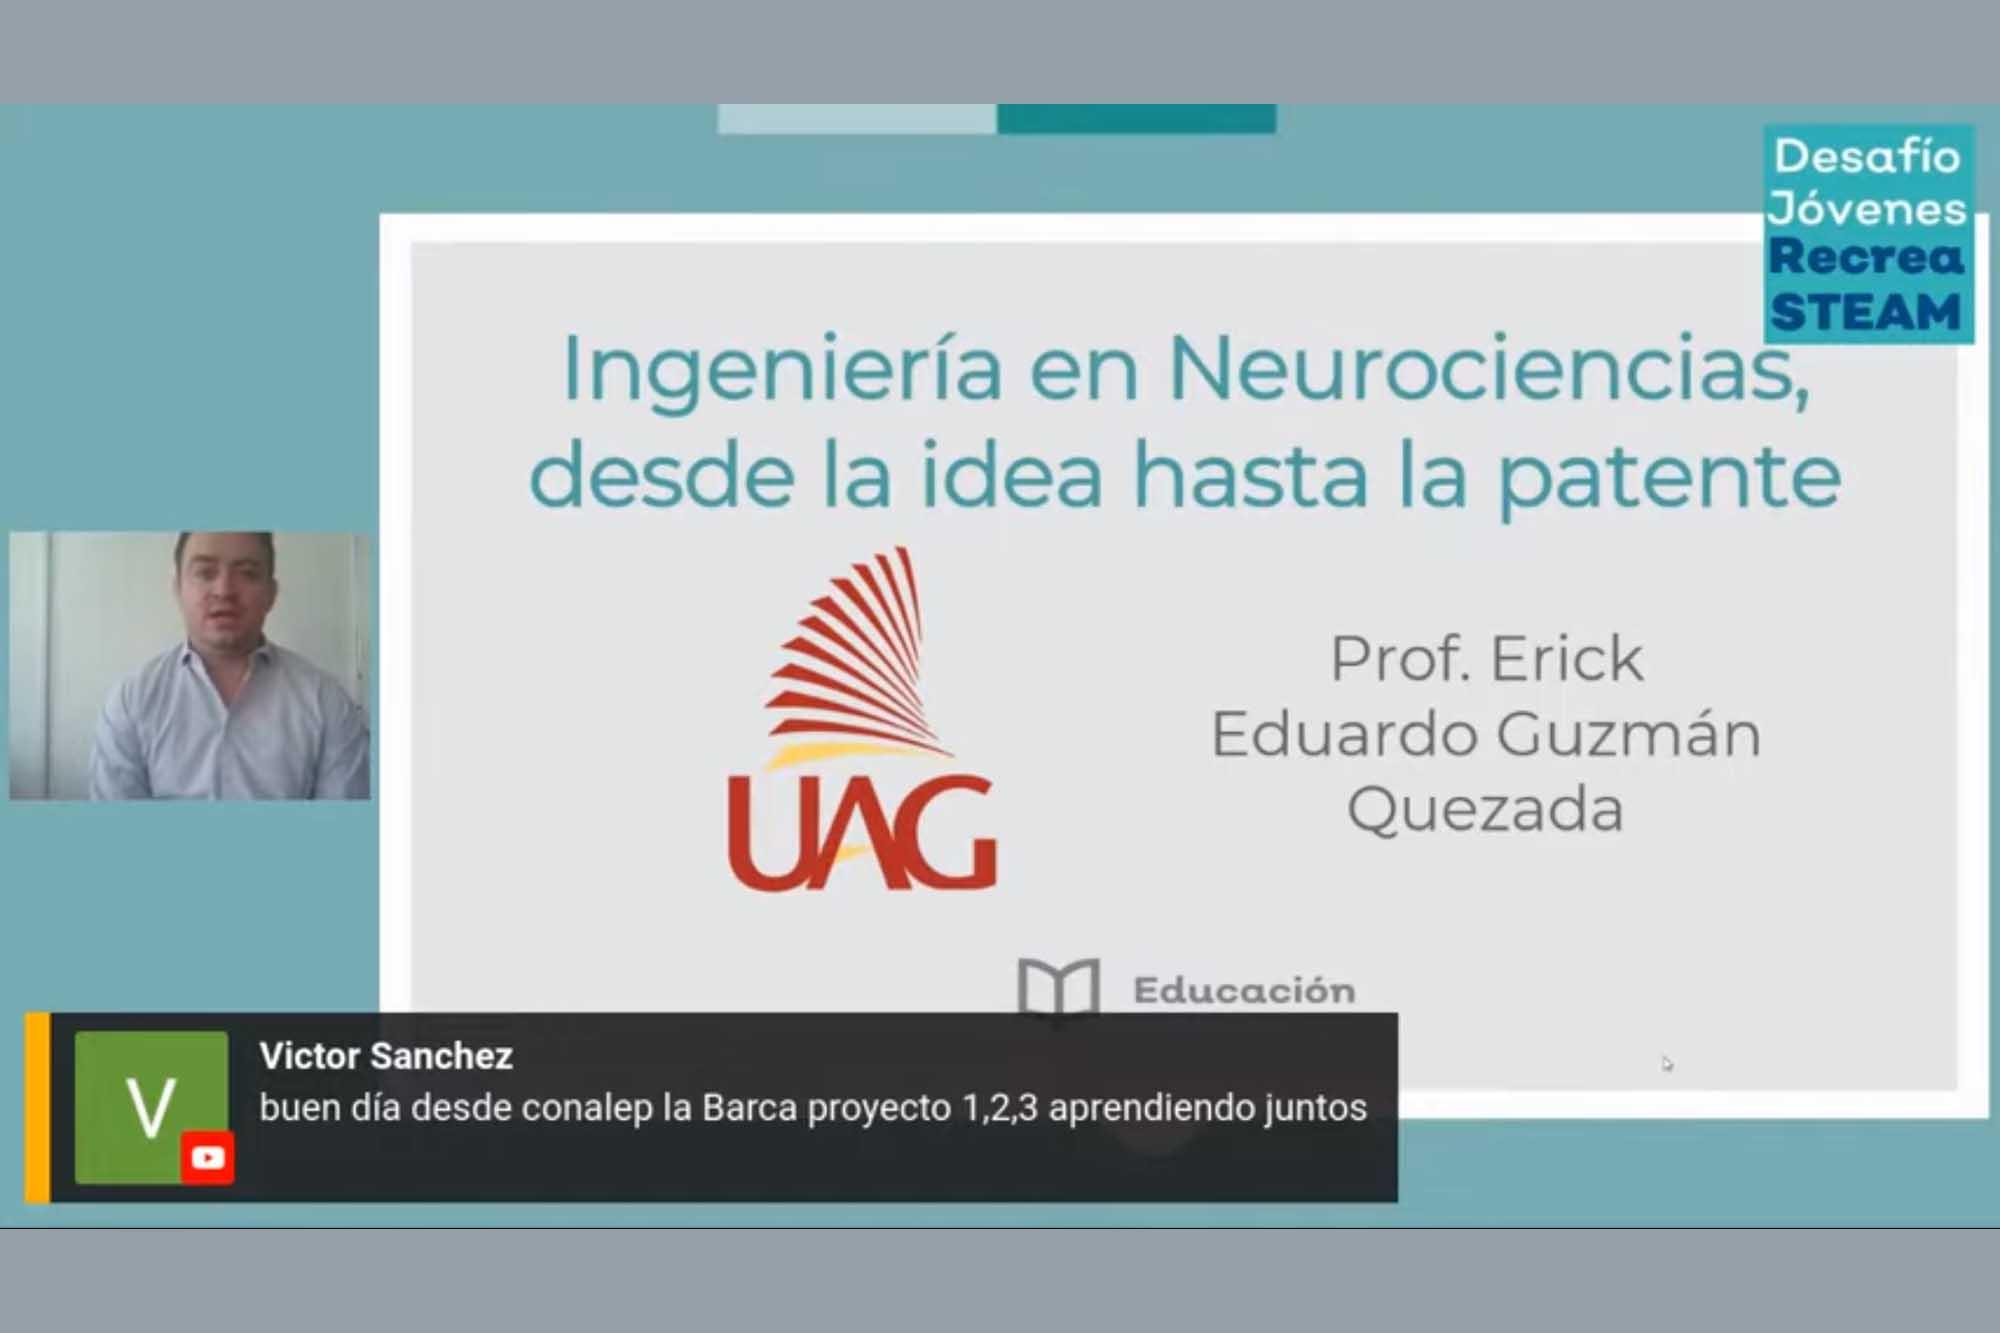 Académico de la UAG habla sobre neurociencias 280421